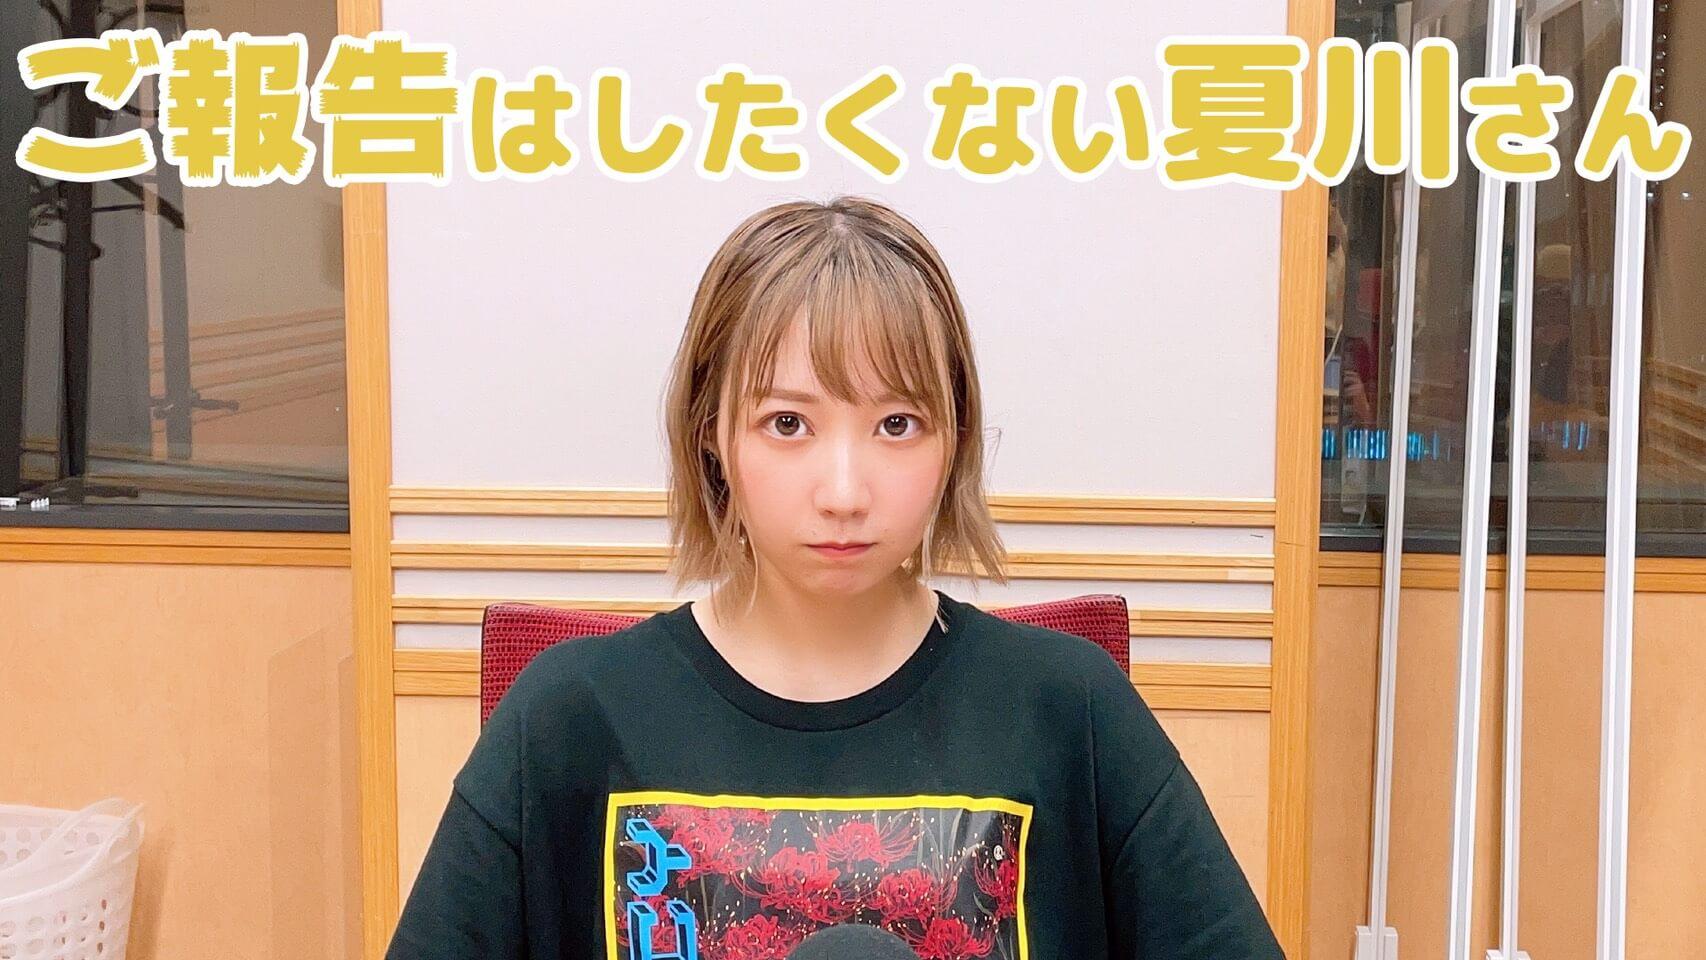 【夏川椎菜】ご報告はしたくない夏川さん